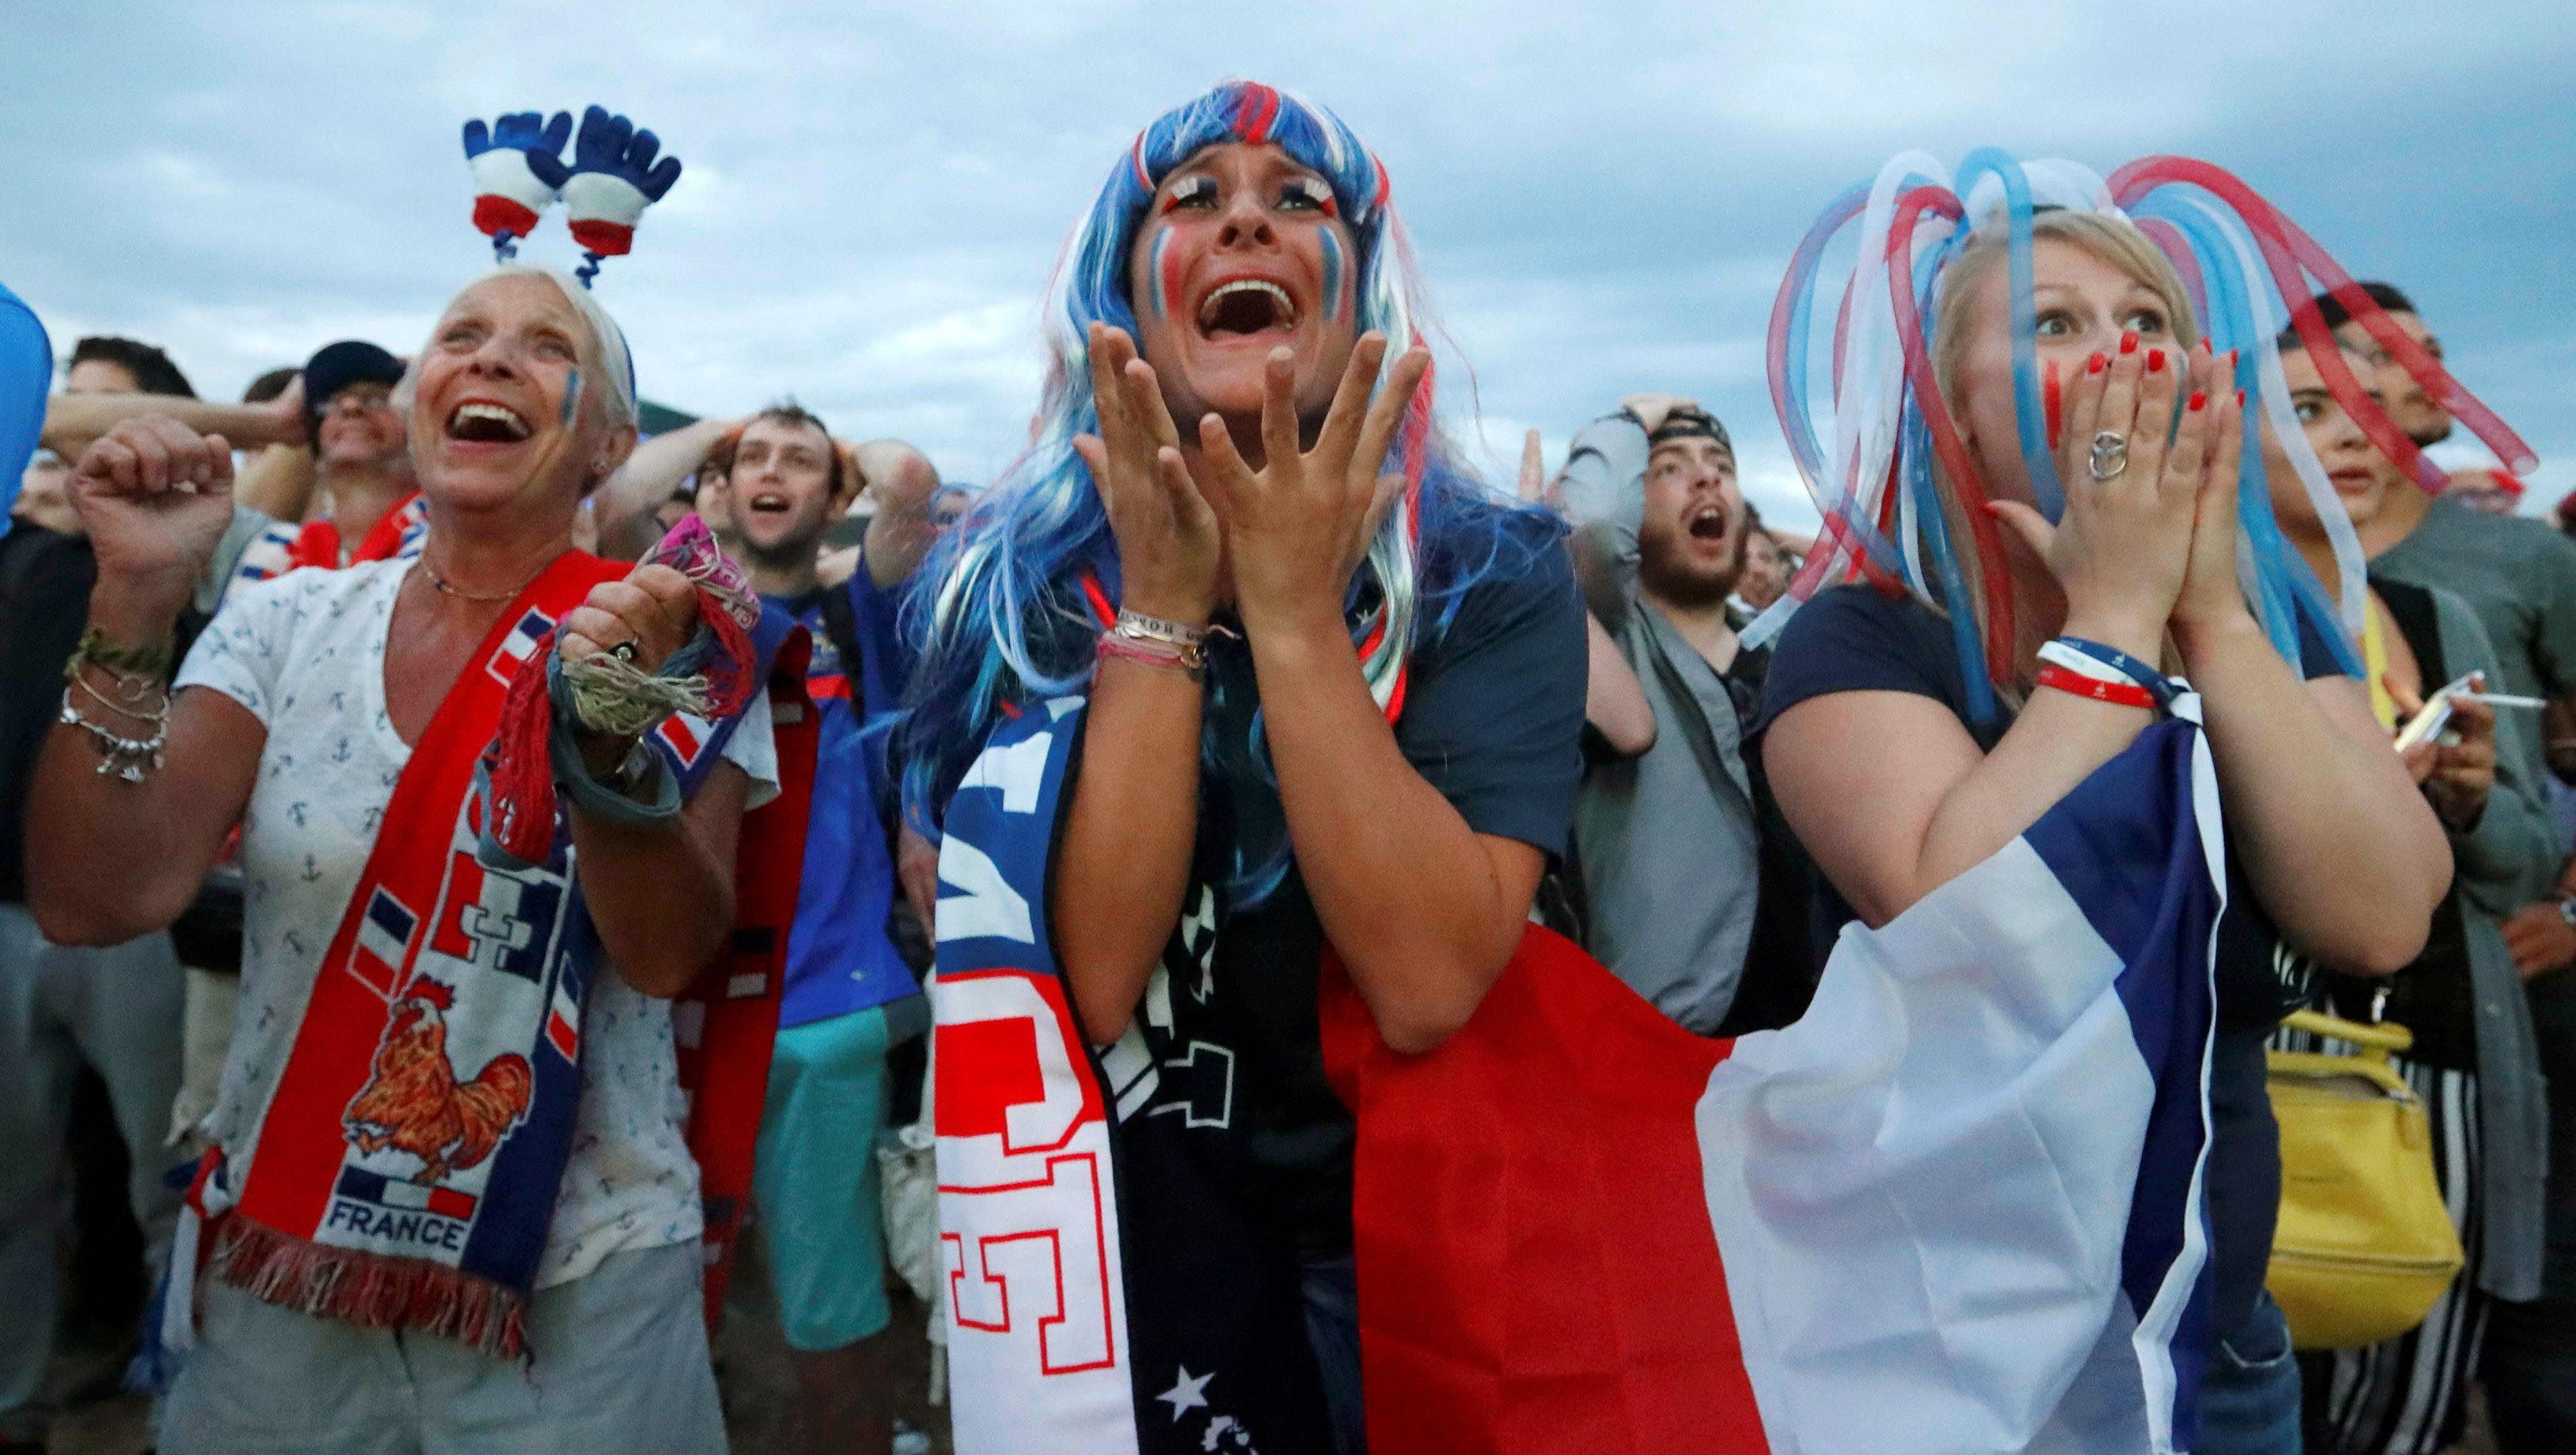 Allez la France! (Reuters/Yves Herman)